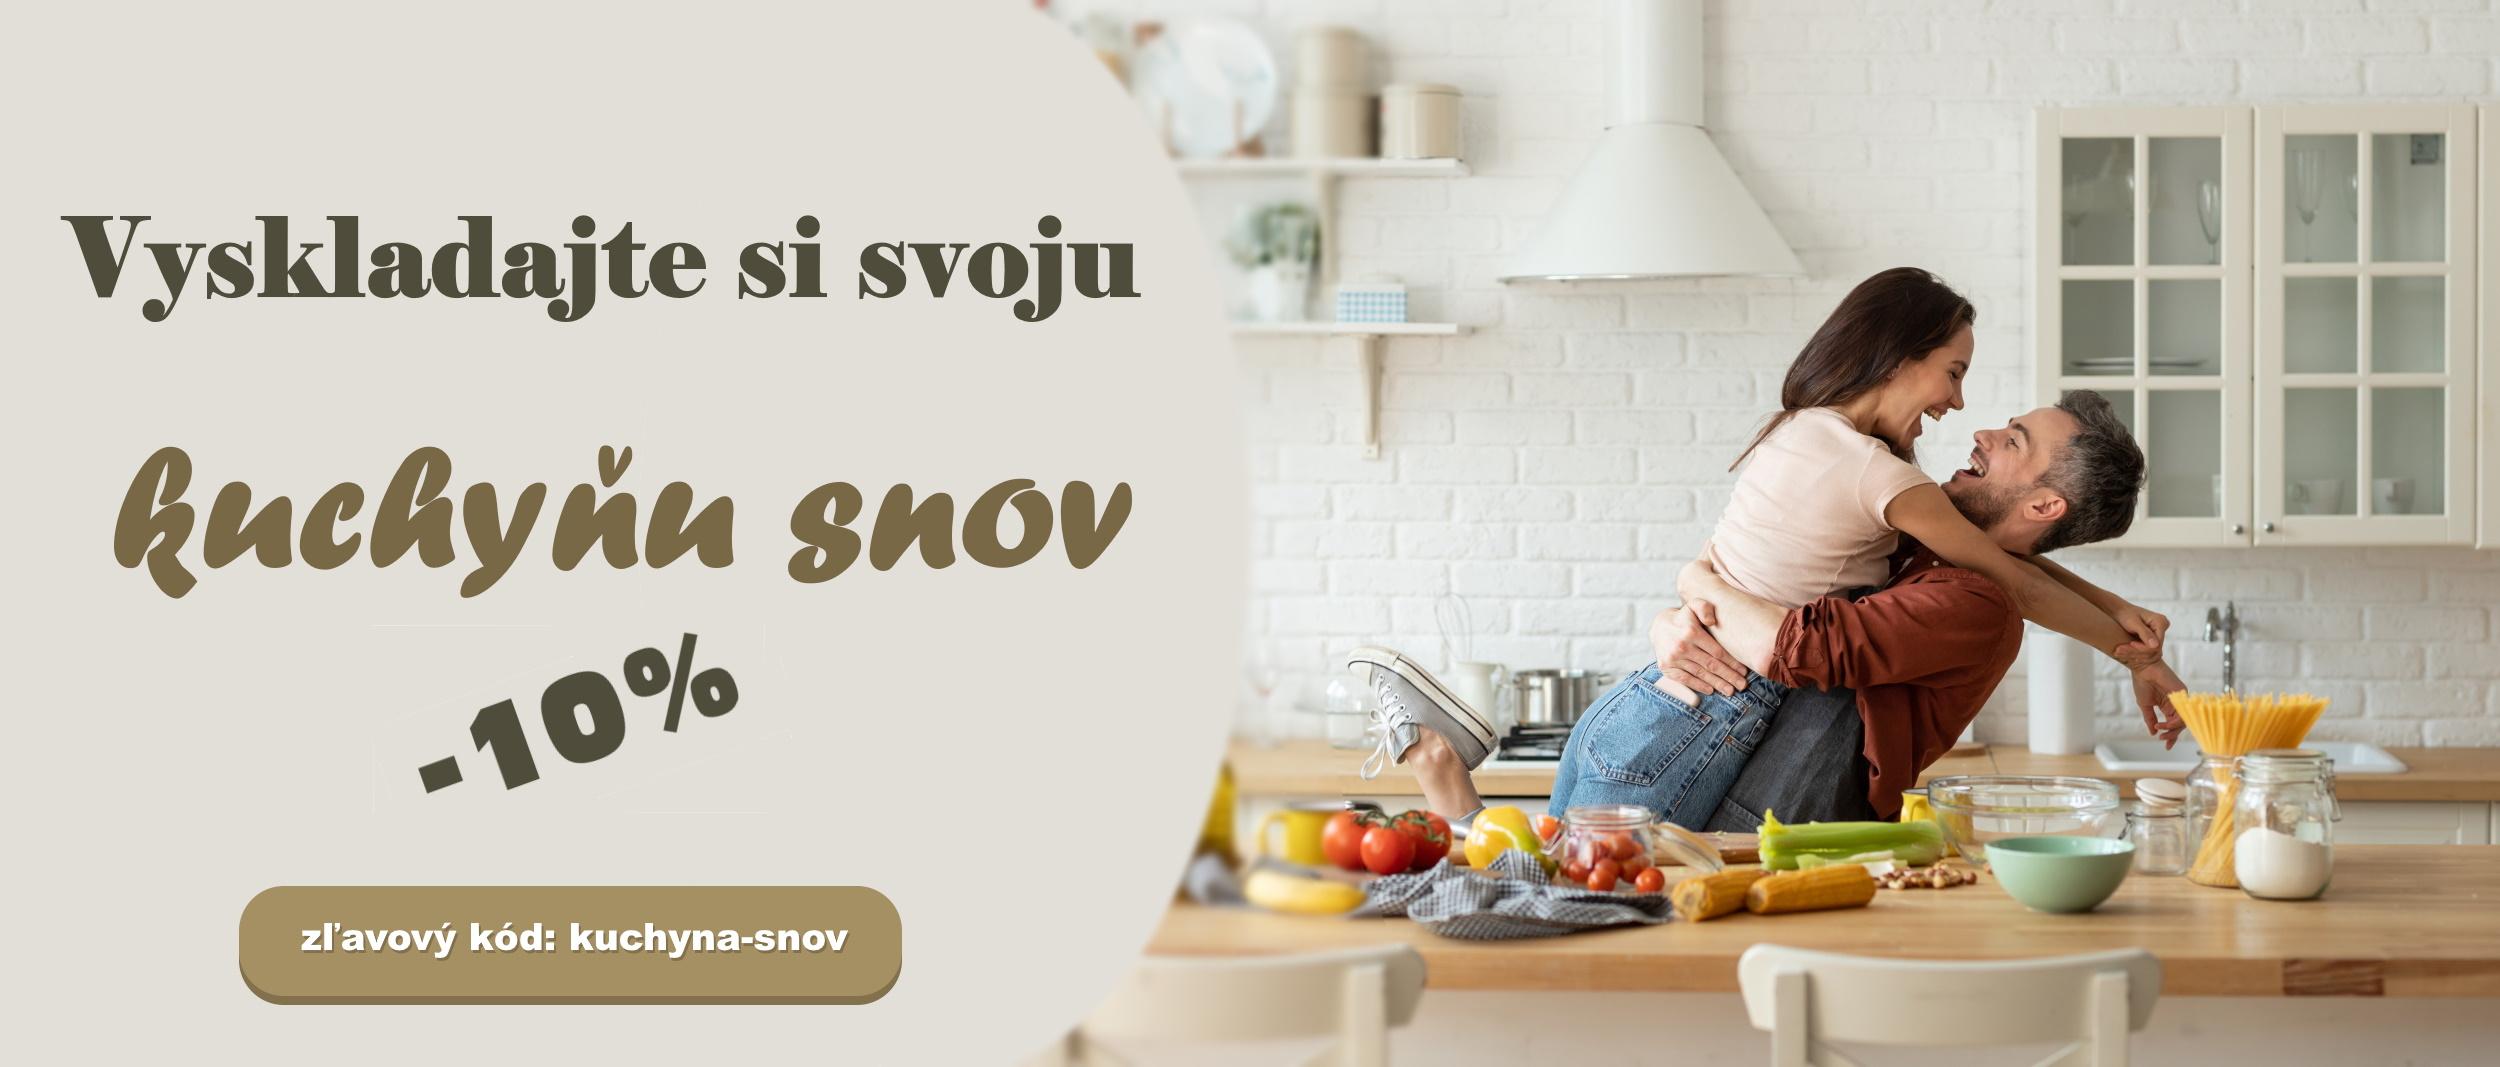 Vyskladajte si svoju kuchyňu snov